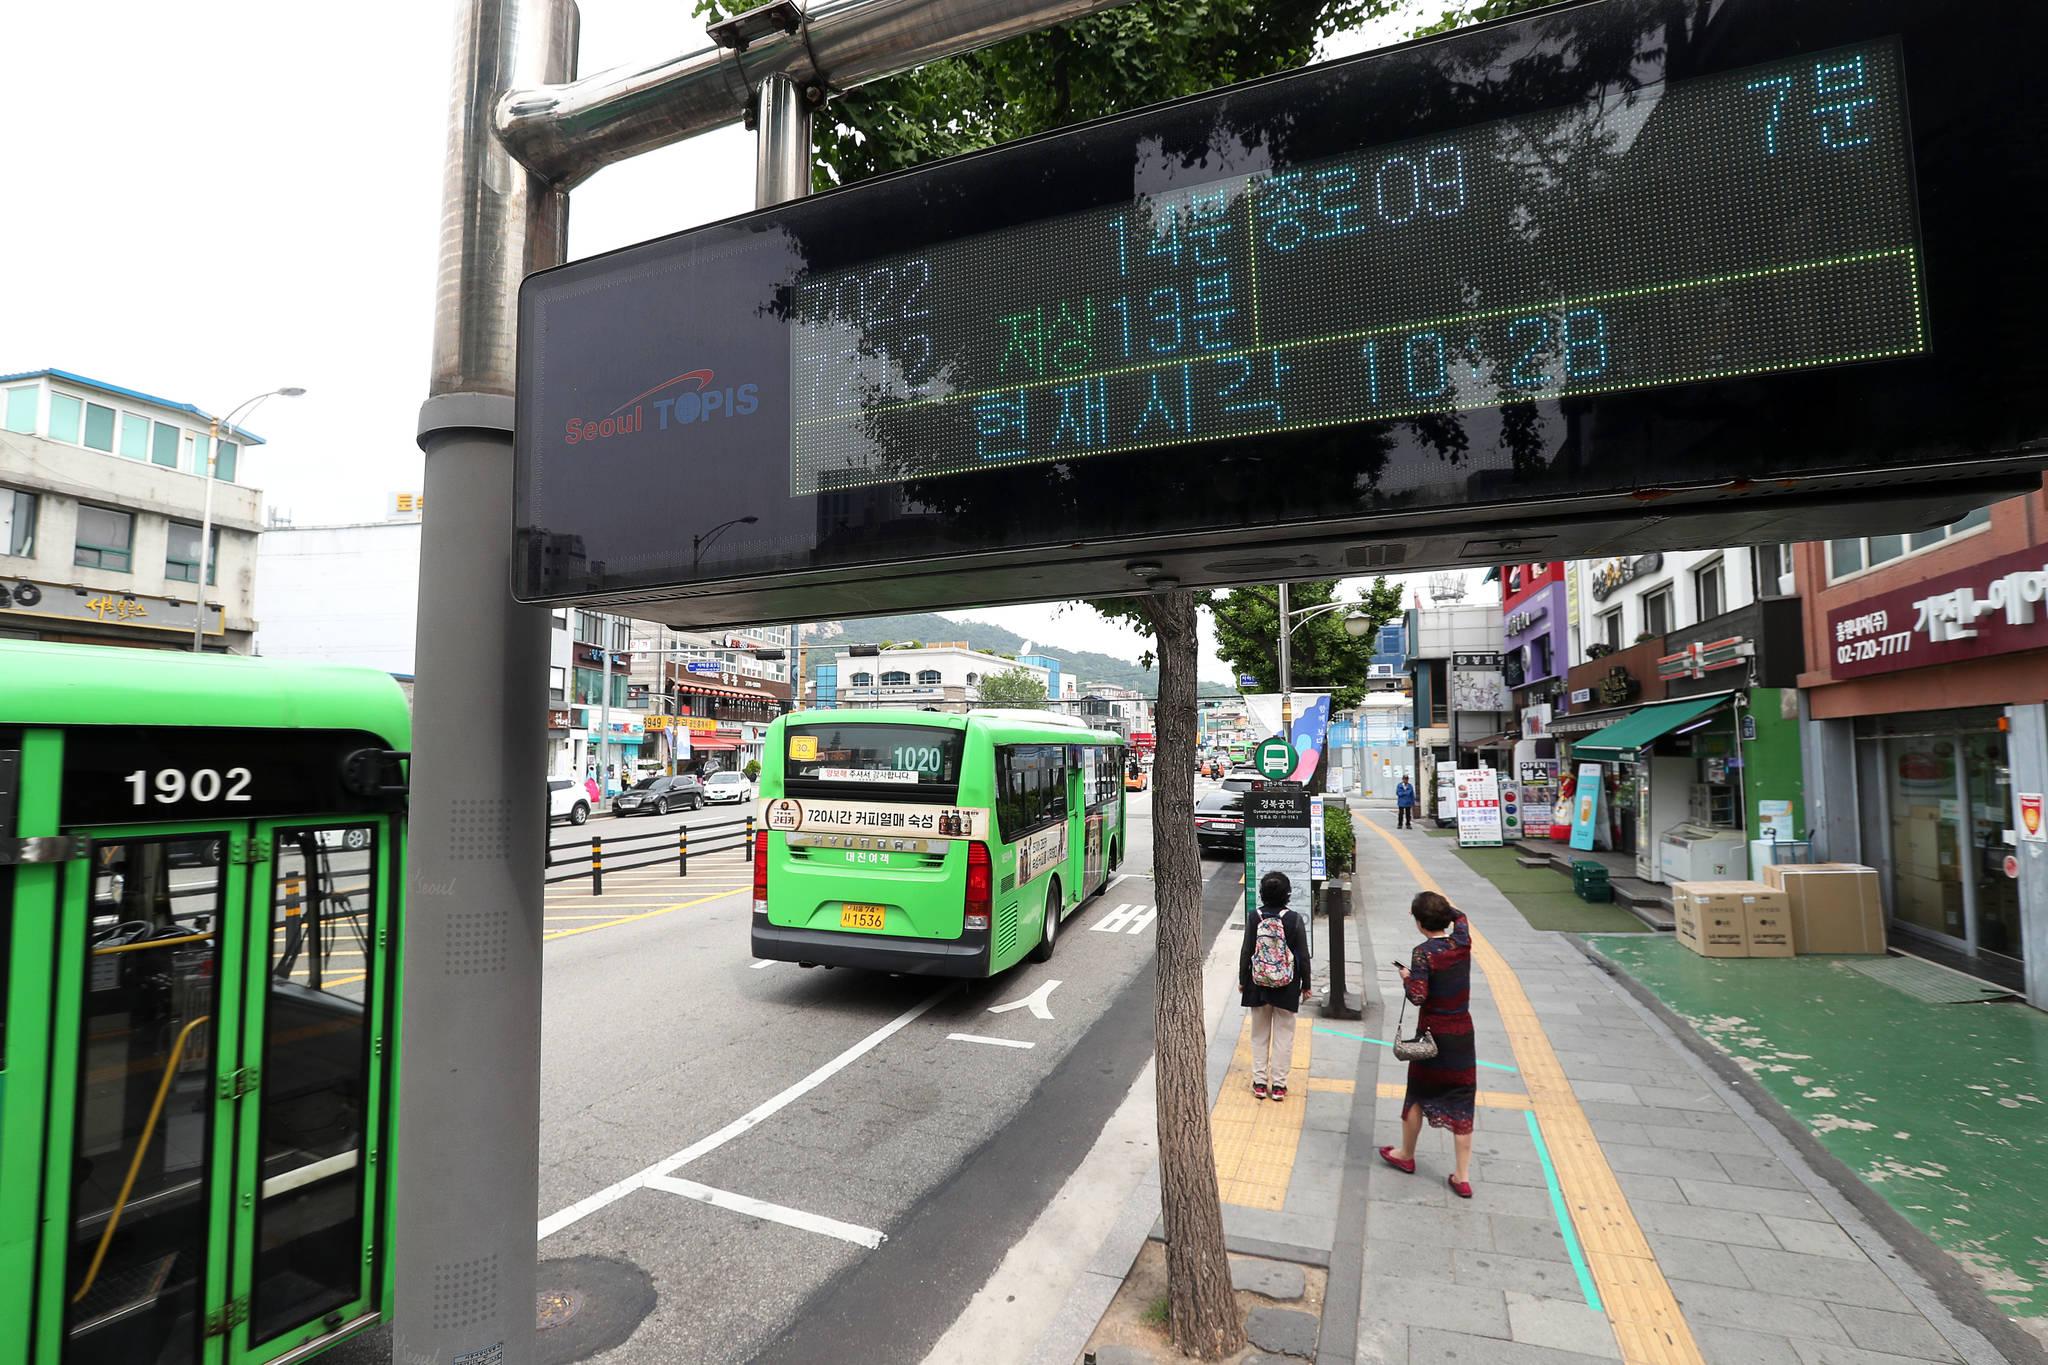 앱 하나로 버스와 지하철, 택시, 공유 자전거까지 편리하게 이용하는 서비스가 나오고 있다. [중앙포토]